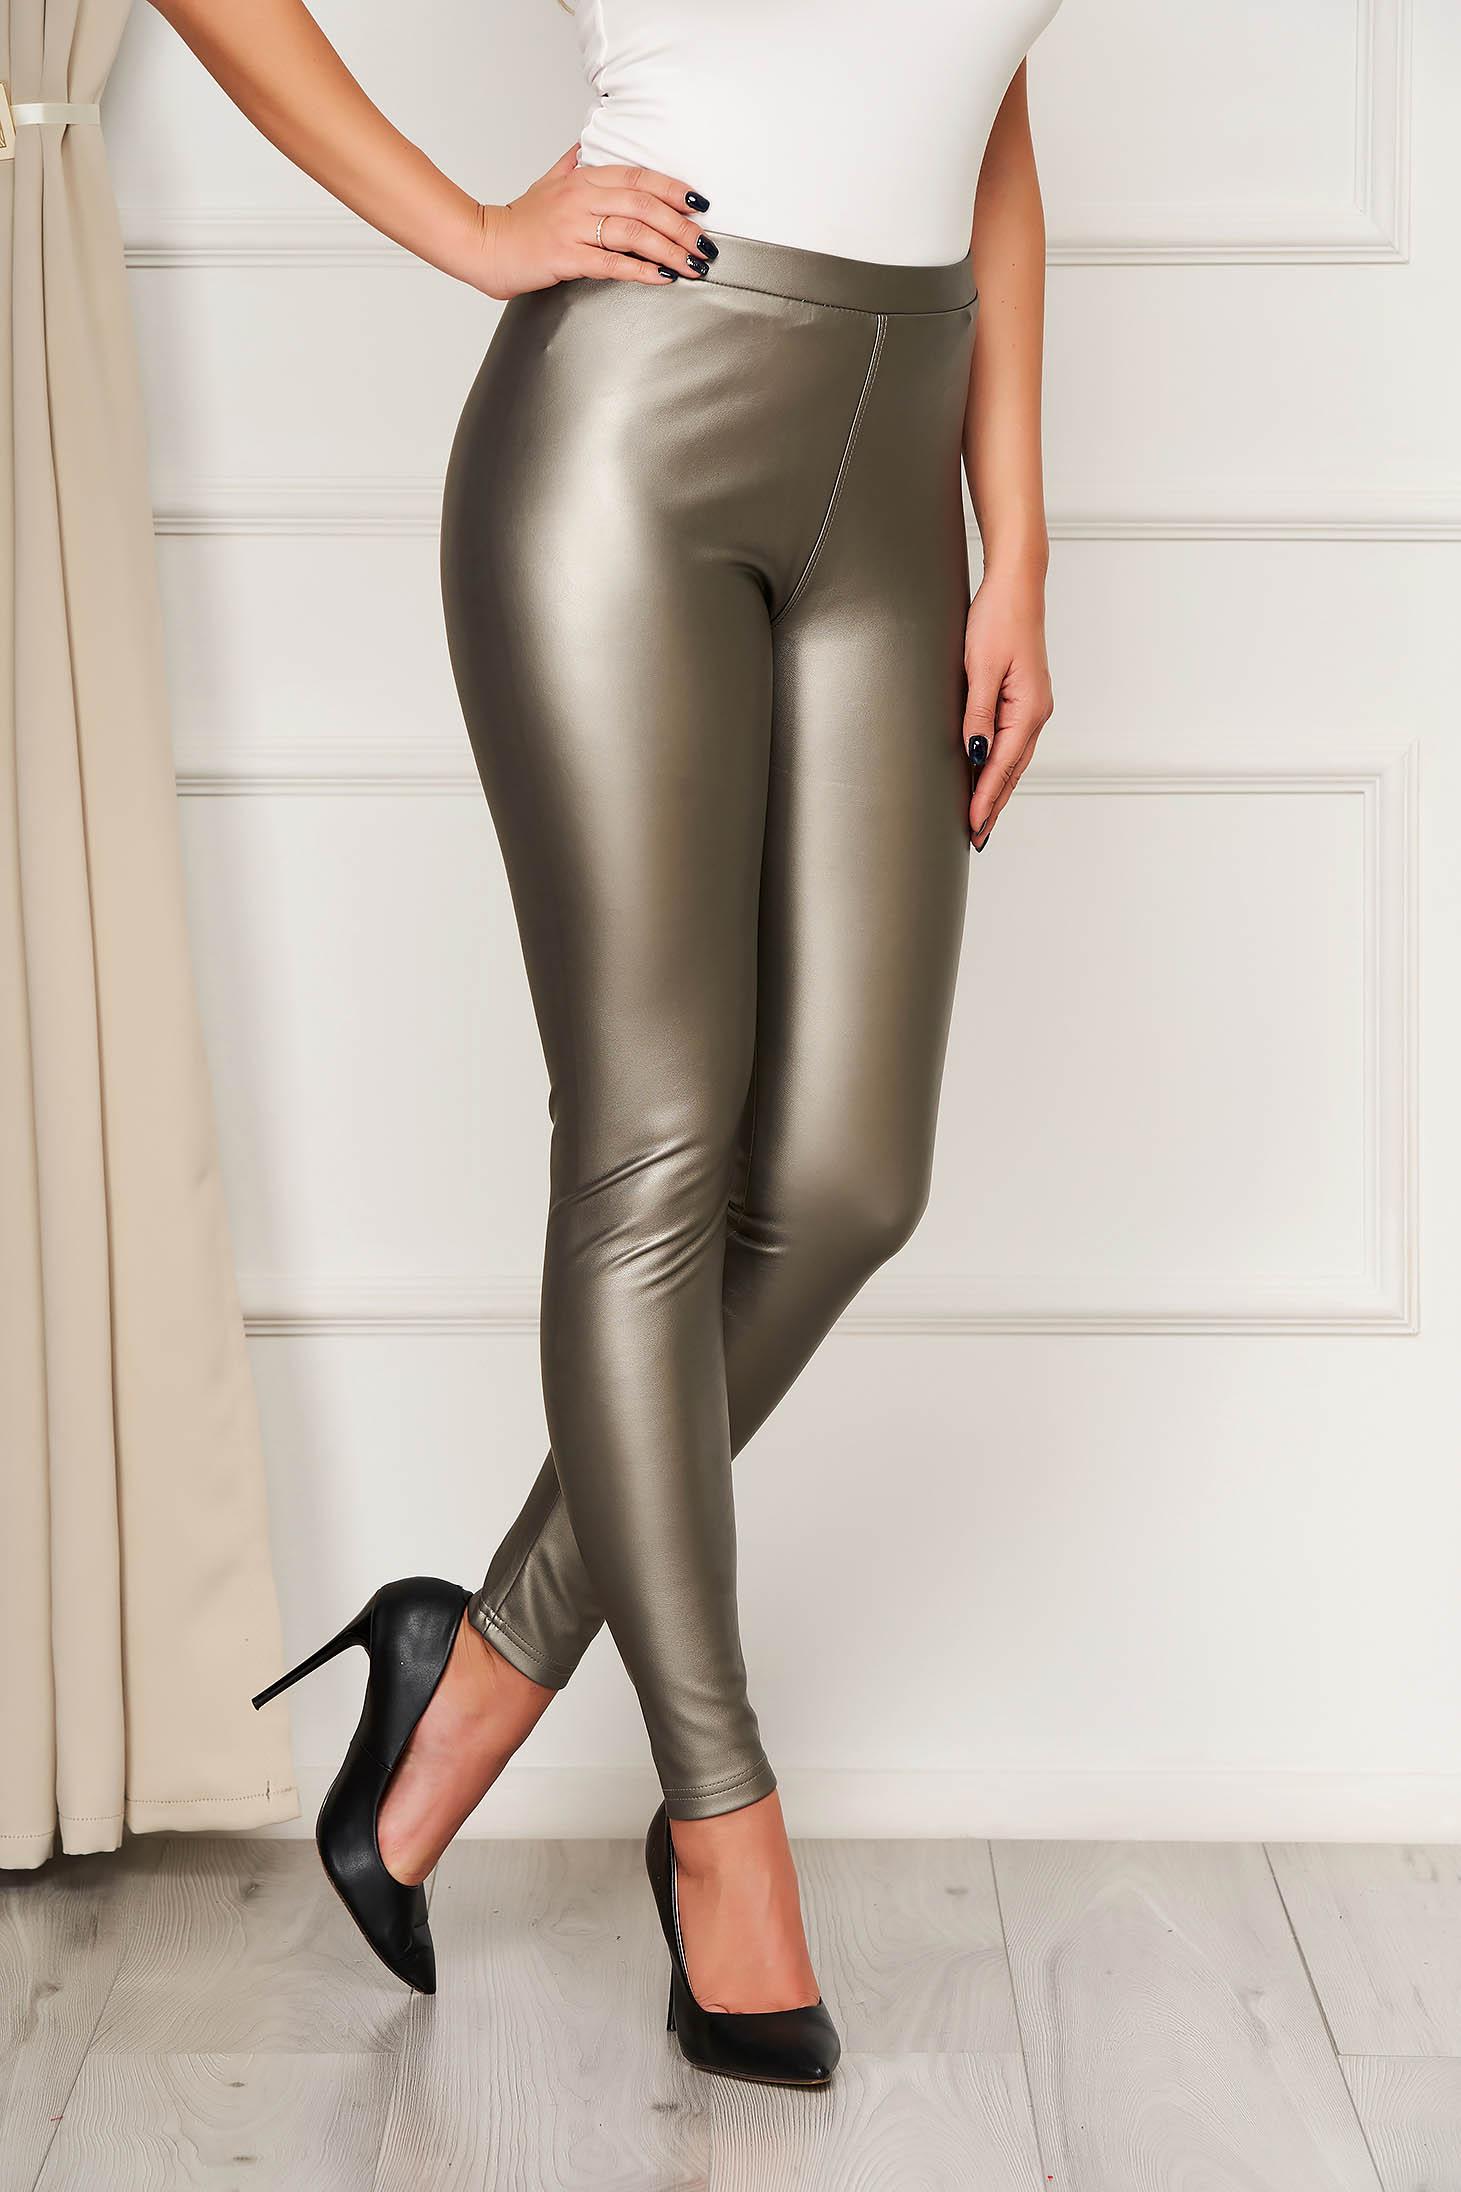 Aranyszínű műbőr party leggings rugalmas anyagból elasztikus derekú fényes anyag